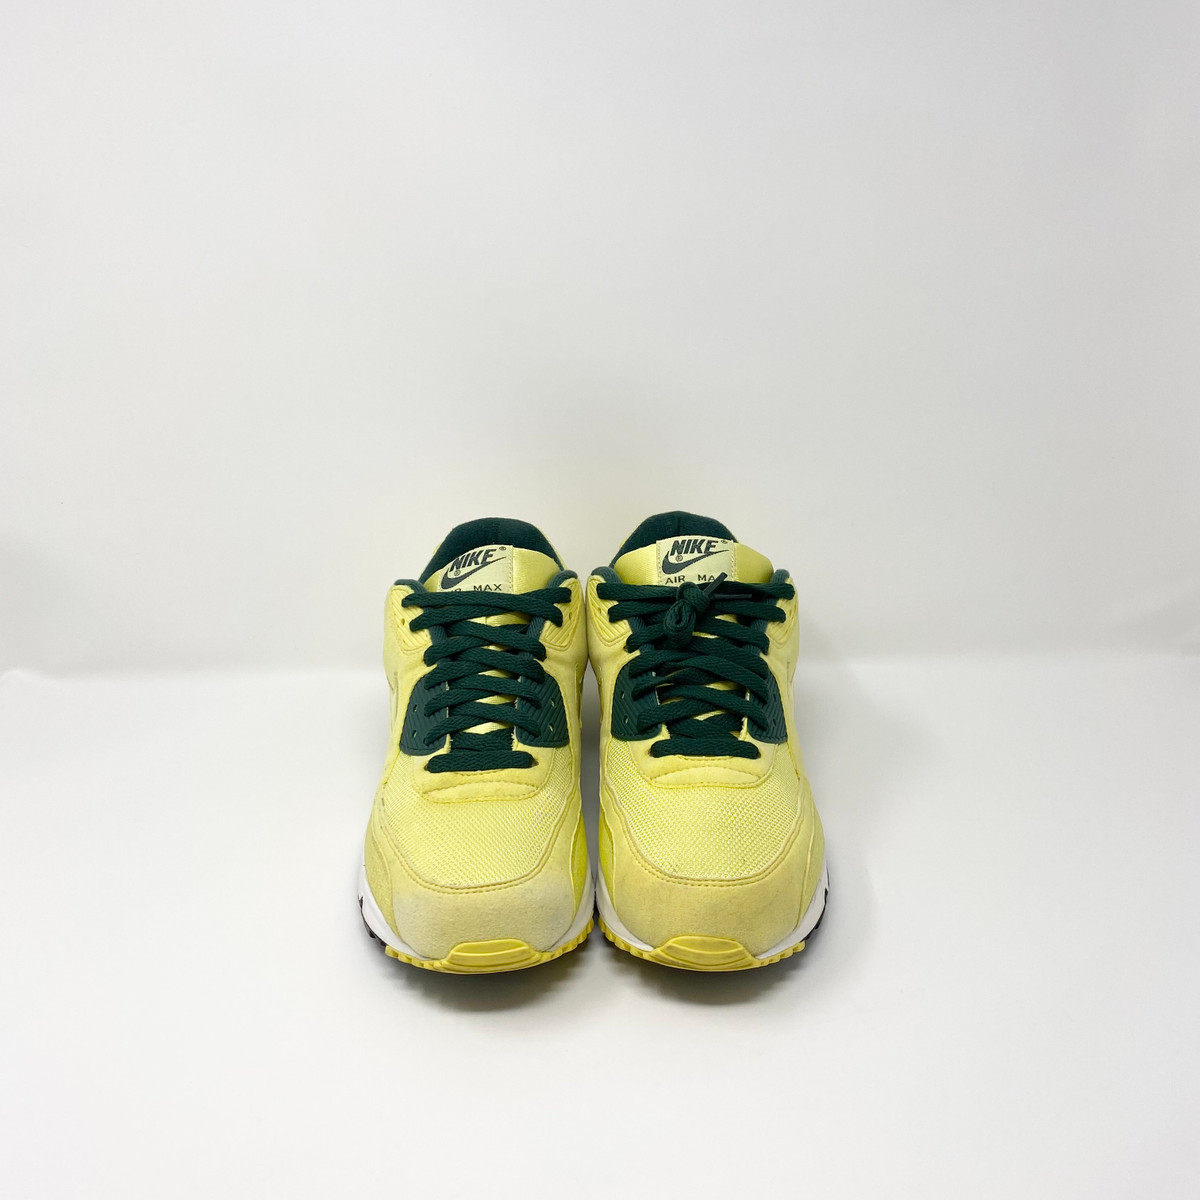 Nike Air Max 90 Powerwall Lemonade